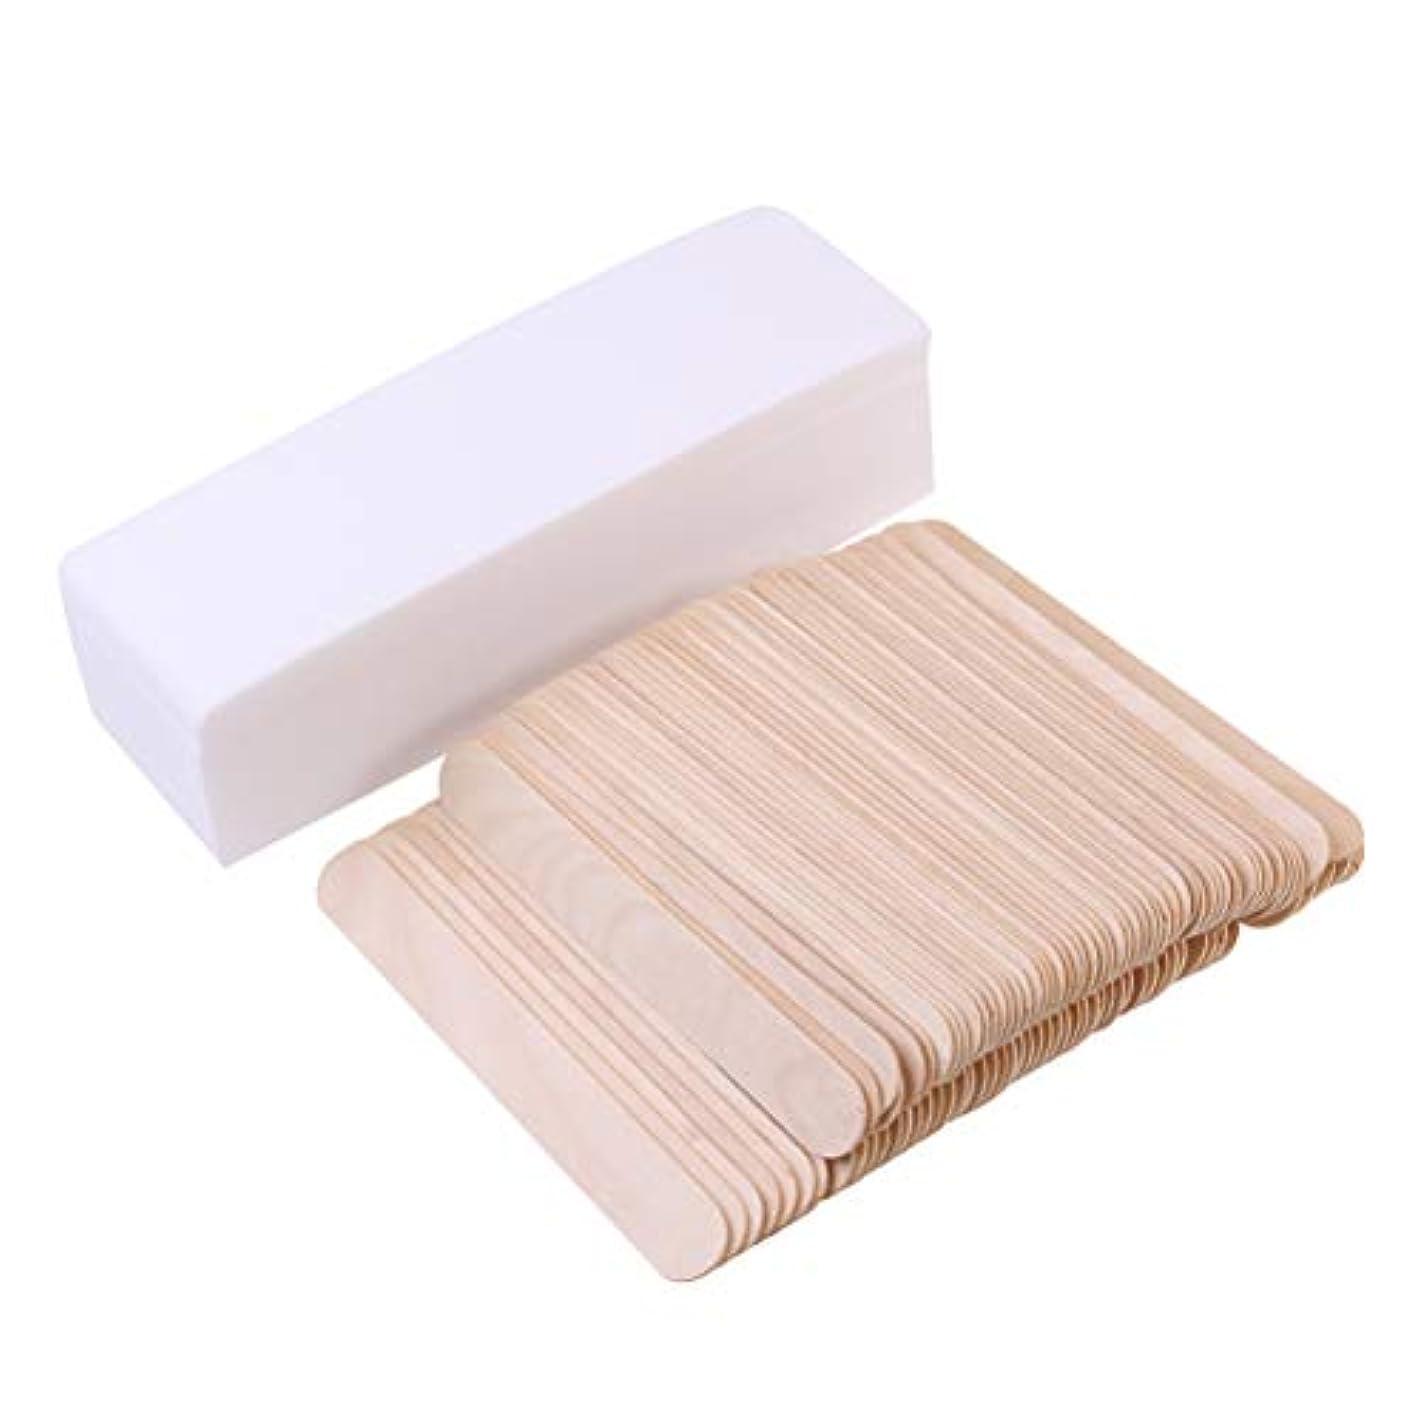 プール先住民忍耐Healifty 100ピース使い捨て脱毛ストリップ紙ボディワックスクリーンペーパーで100ワックススティック